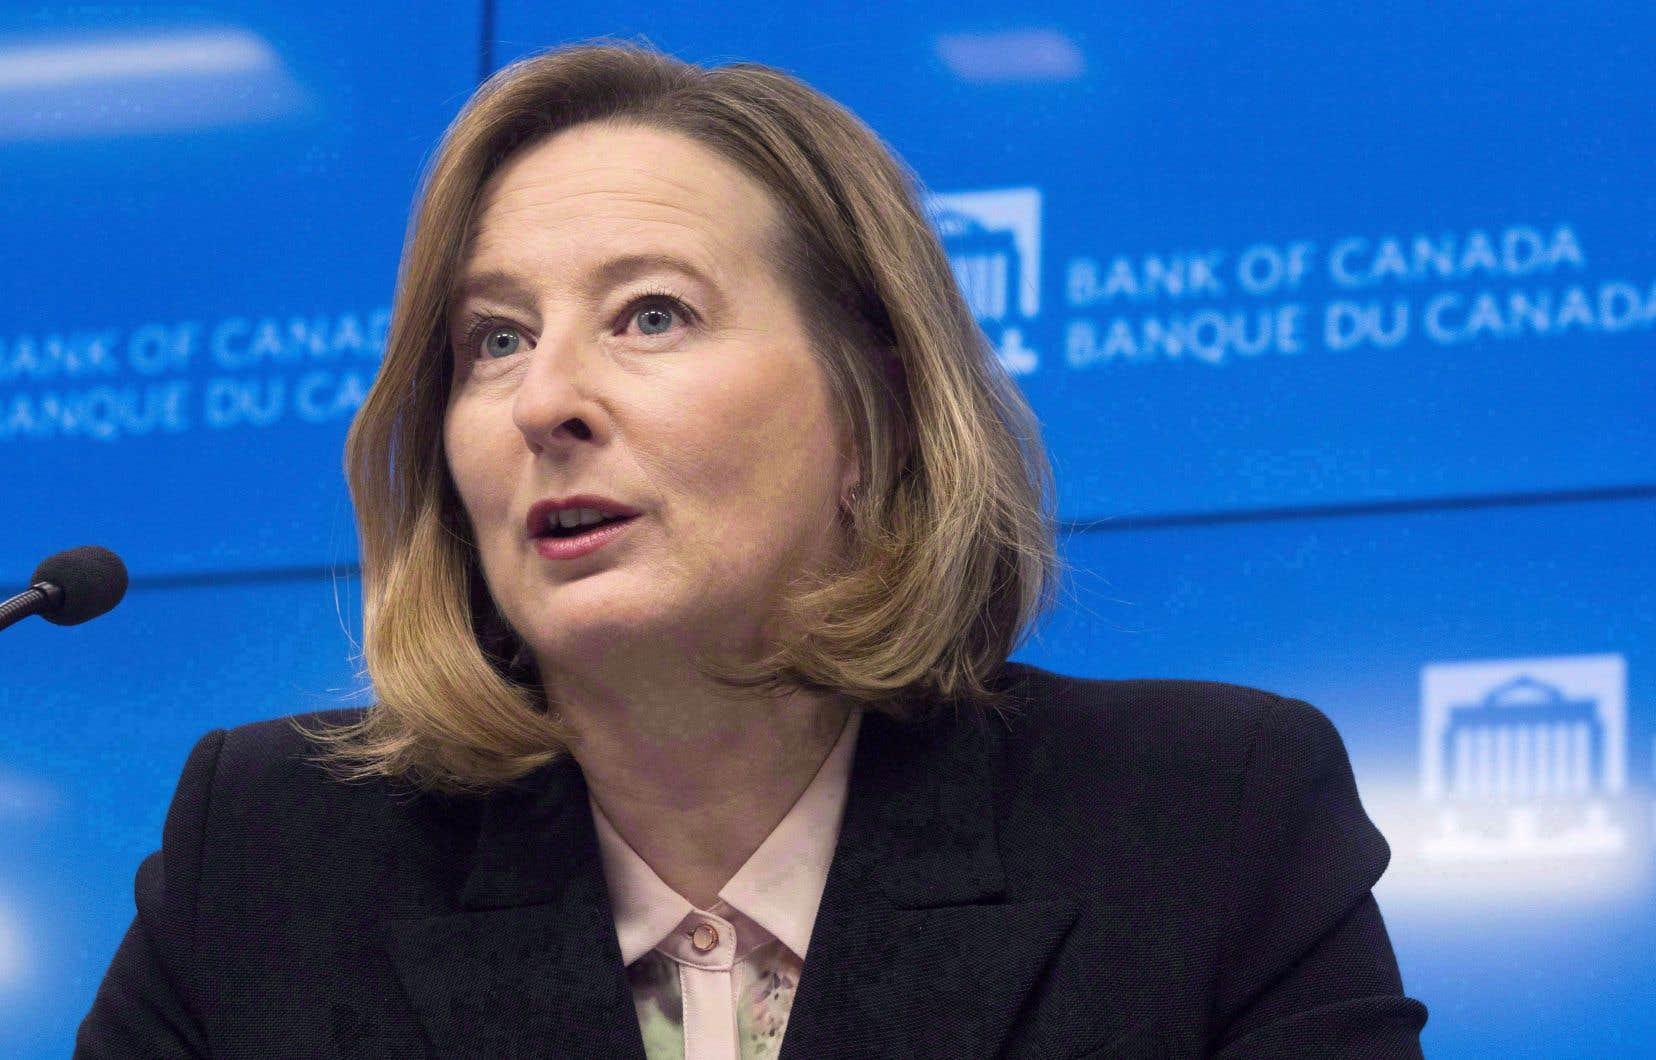 La première vice-gouverneure de la Banque du Canada, Carolyn Wilkins, a présenté la croissance des salaires comme un «élément essentiel» à la réussite des entreprises, s'adressant à la communauté d'affaires de Toronto jeudi.